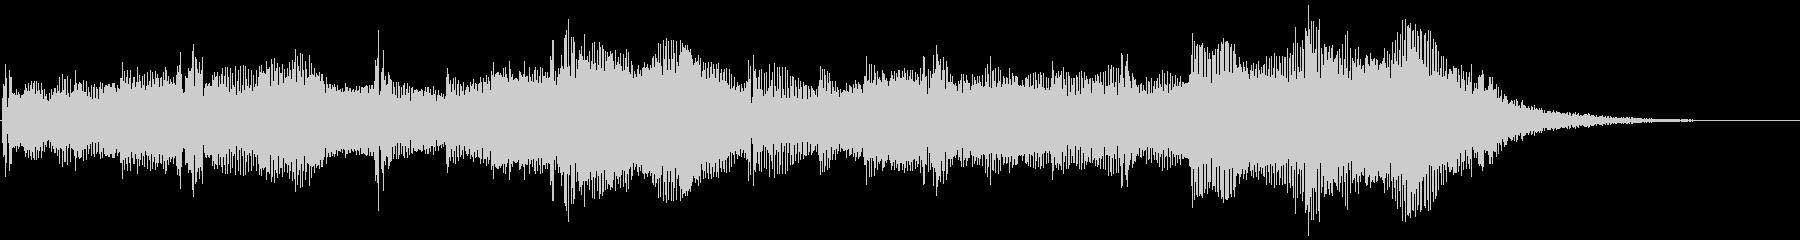 ダークアンビエントなストリングスBGMの未再生の波形